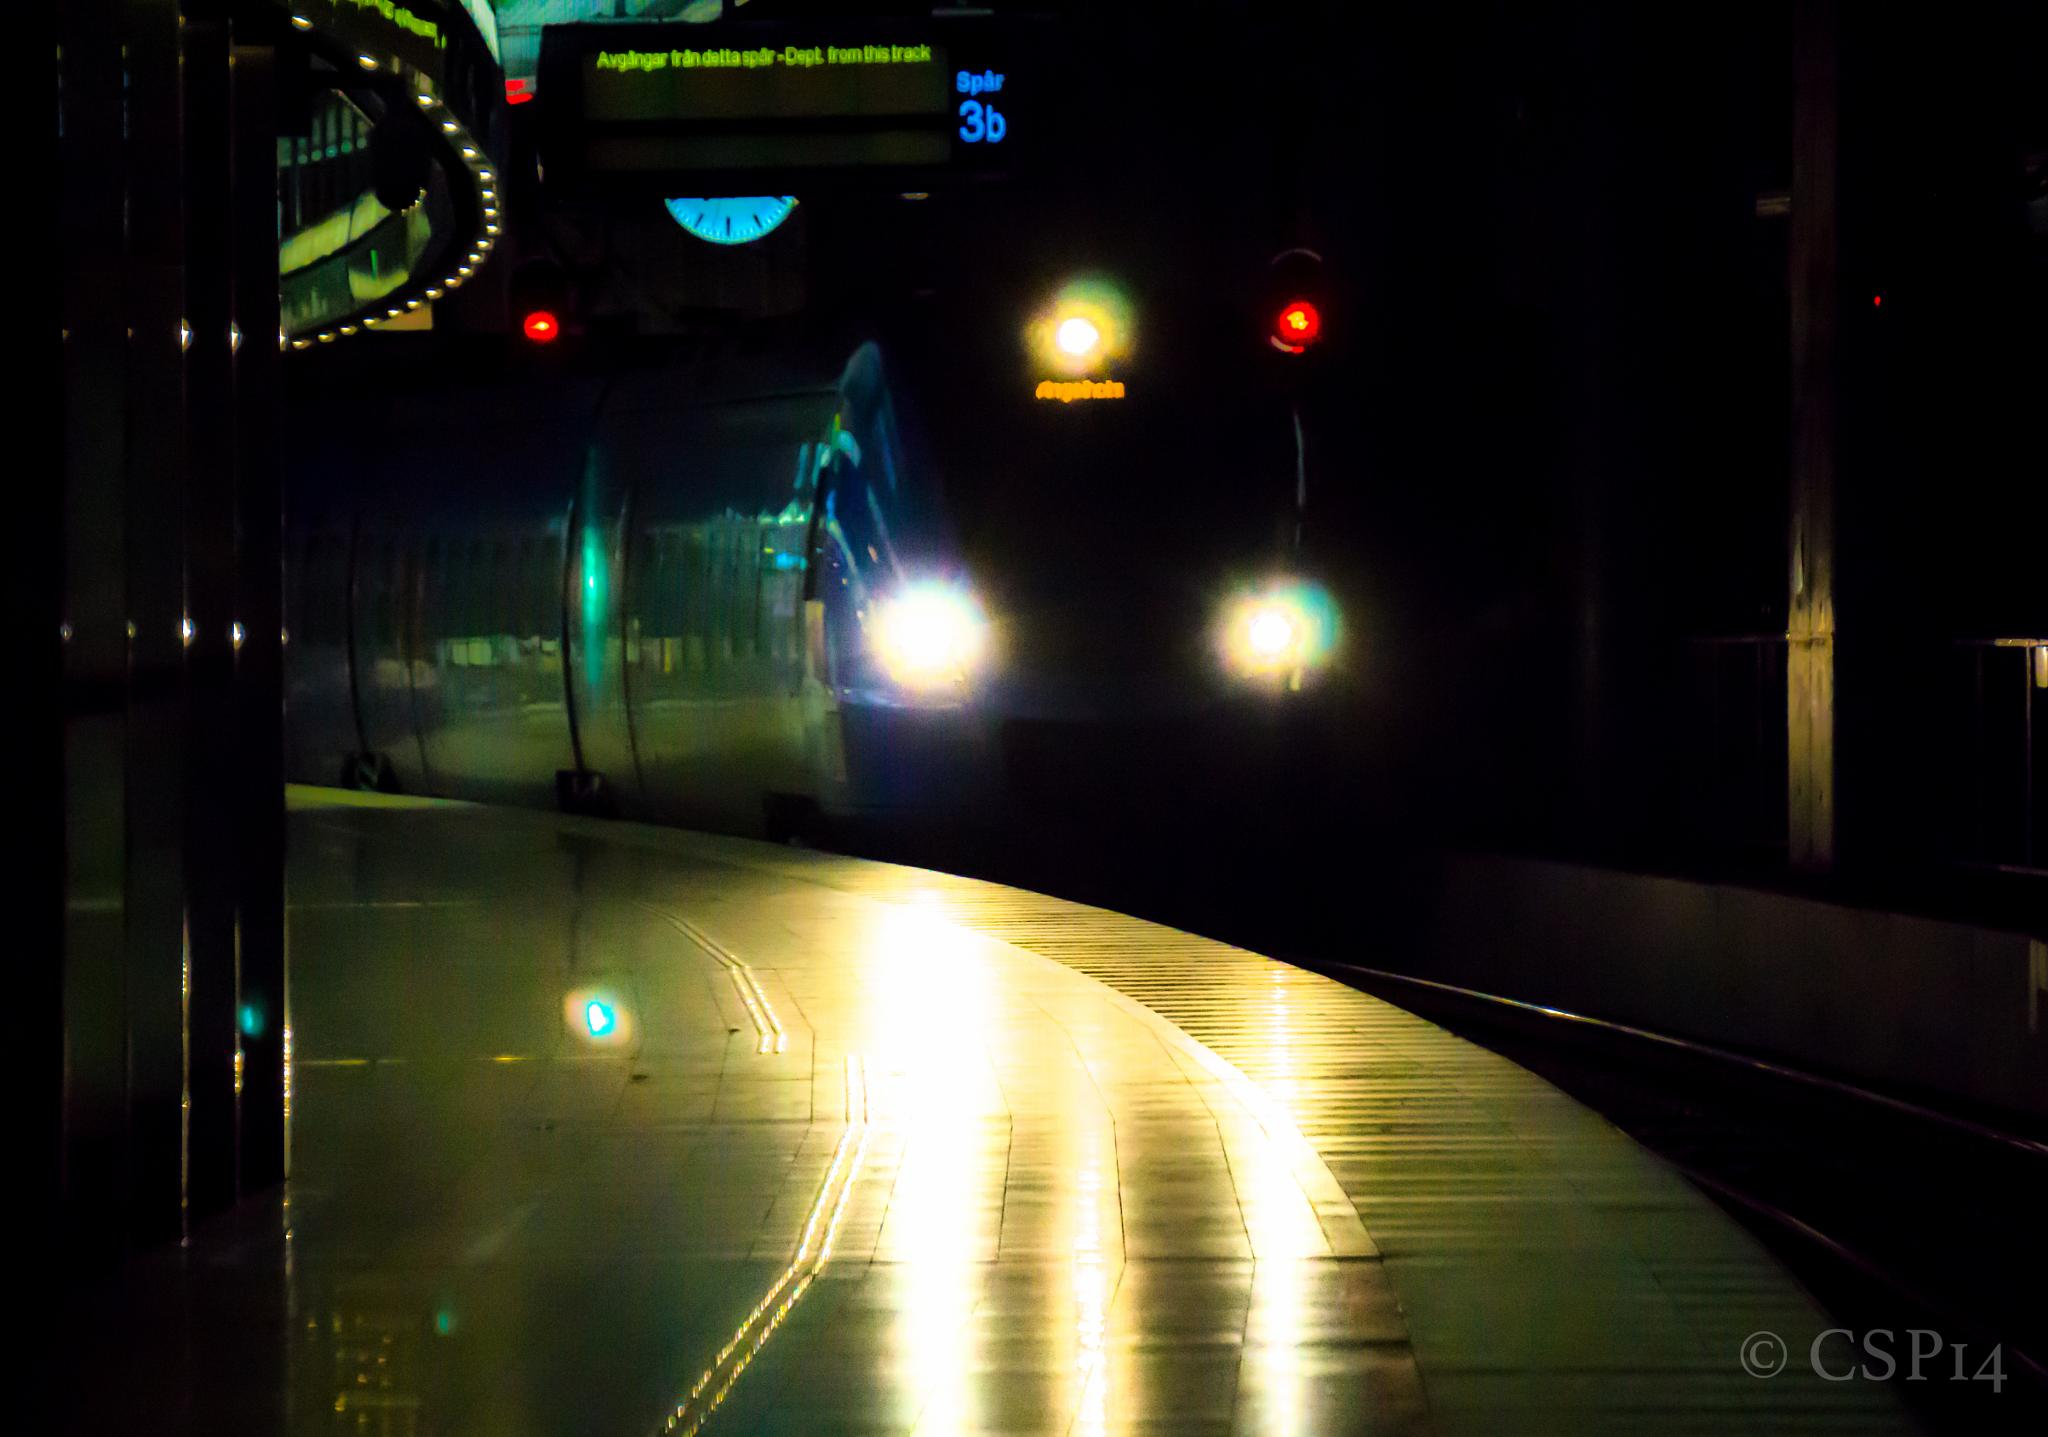 Train coming! by QuestForLight&LAS